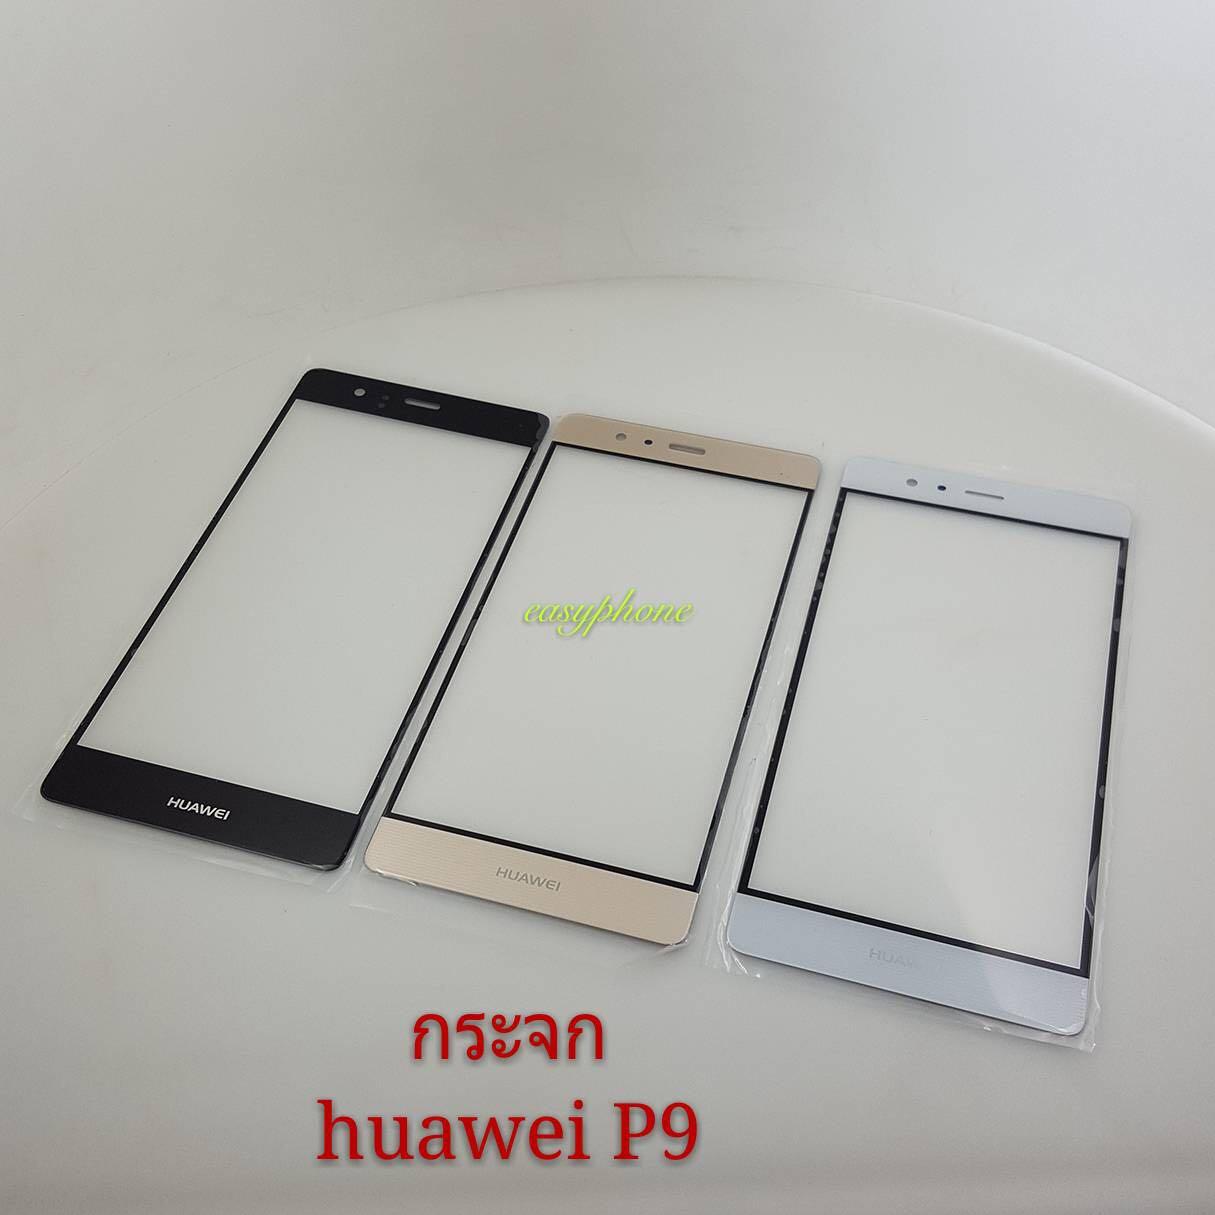 กระจอ huawei P9 lite // มีสีดำ、สีขาว、สีทาง